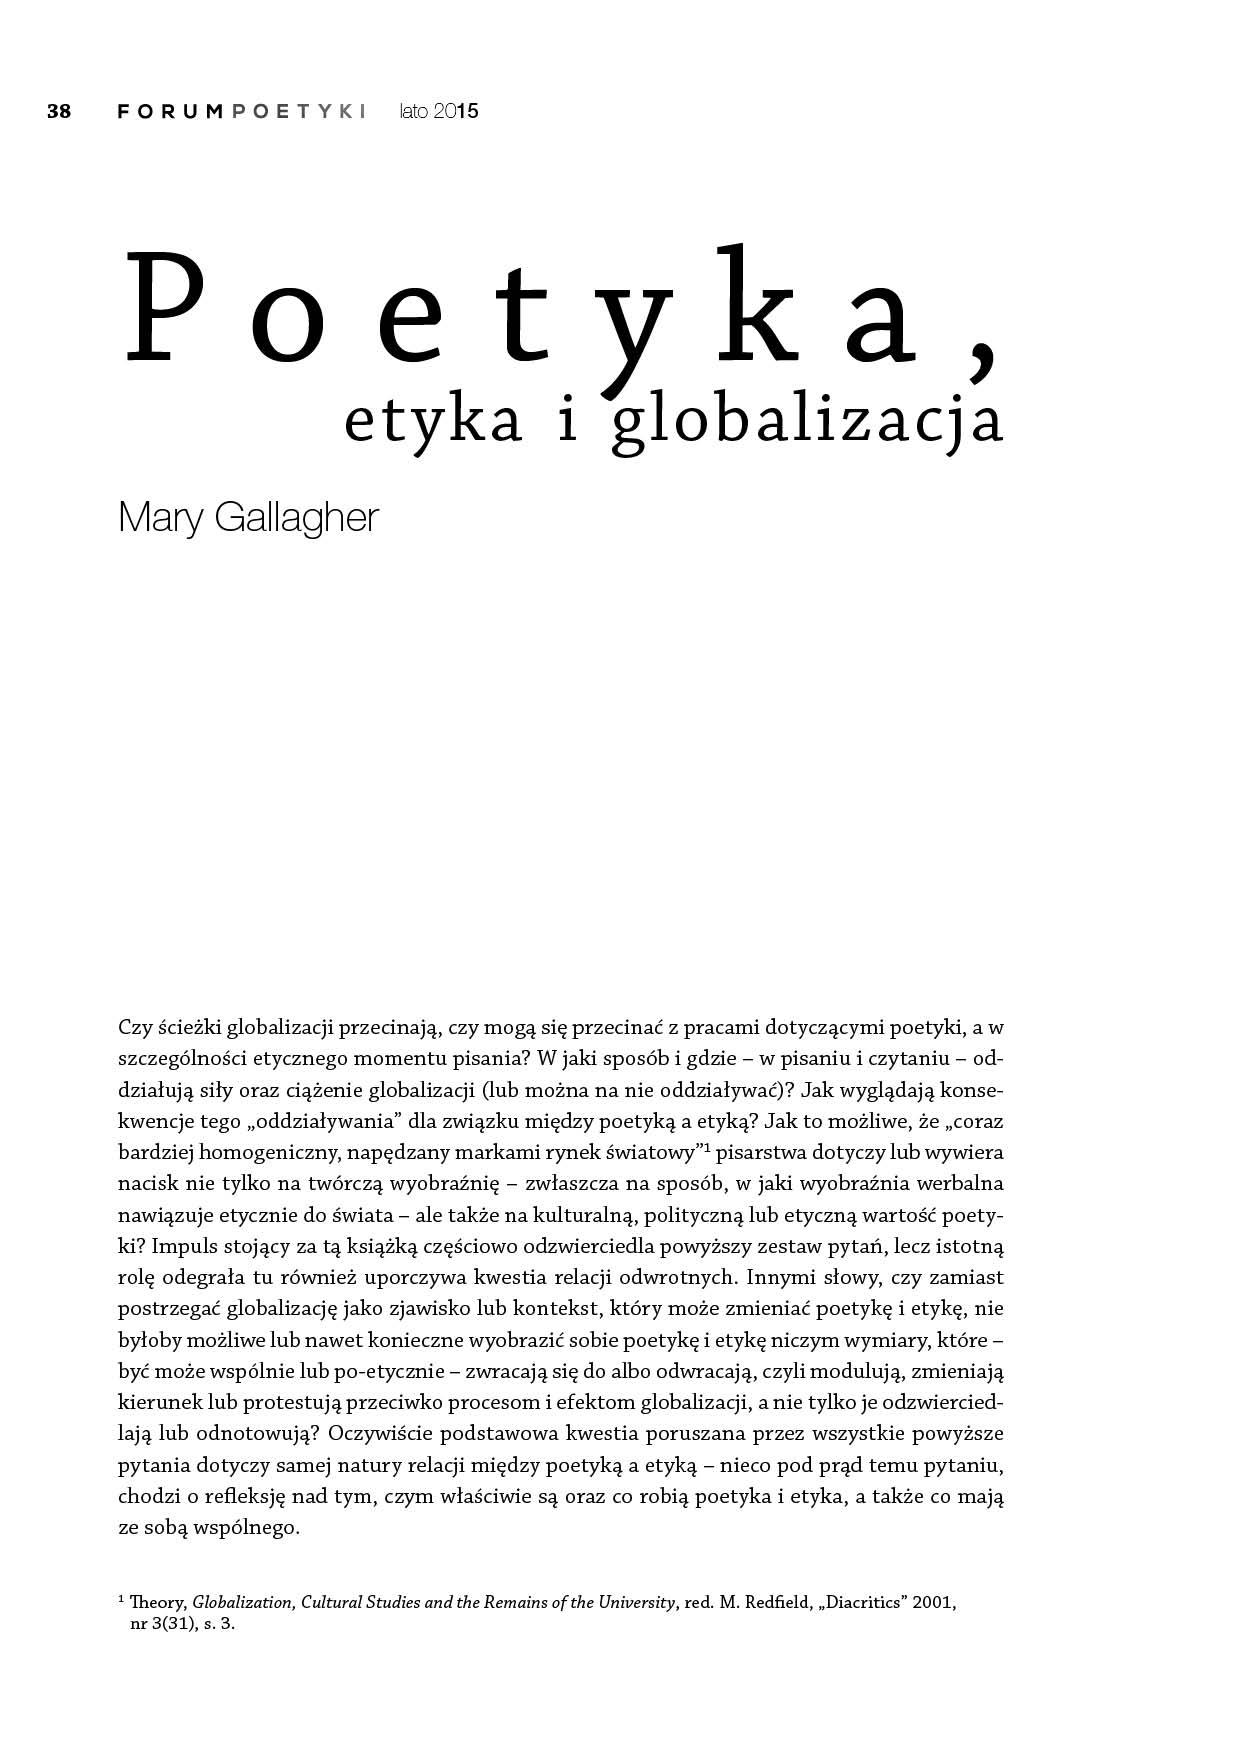 Poetyka, etyka i globalizacja